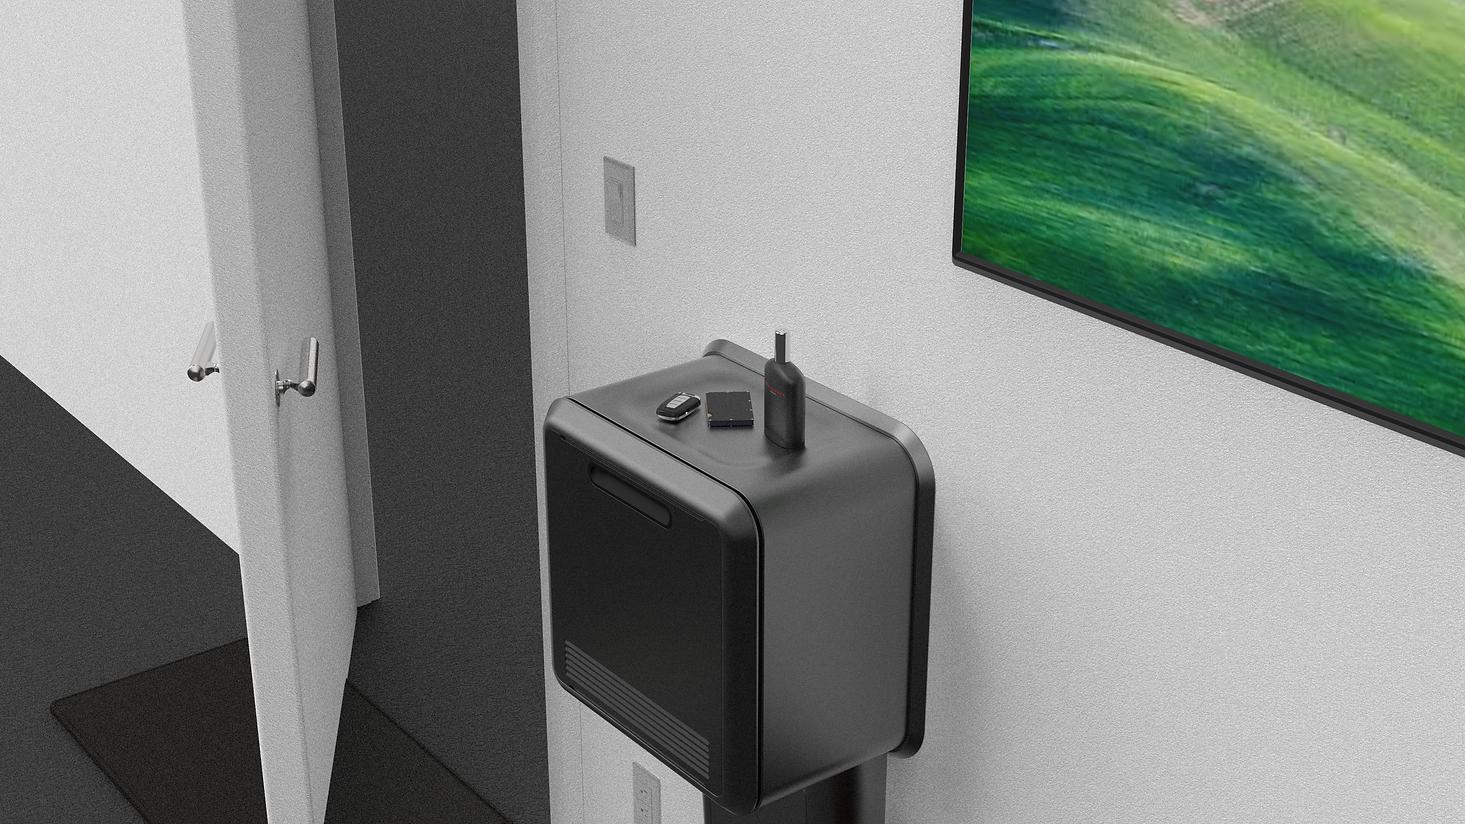 ind521_keyshot_homebox_design detail.png